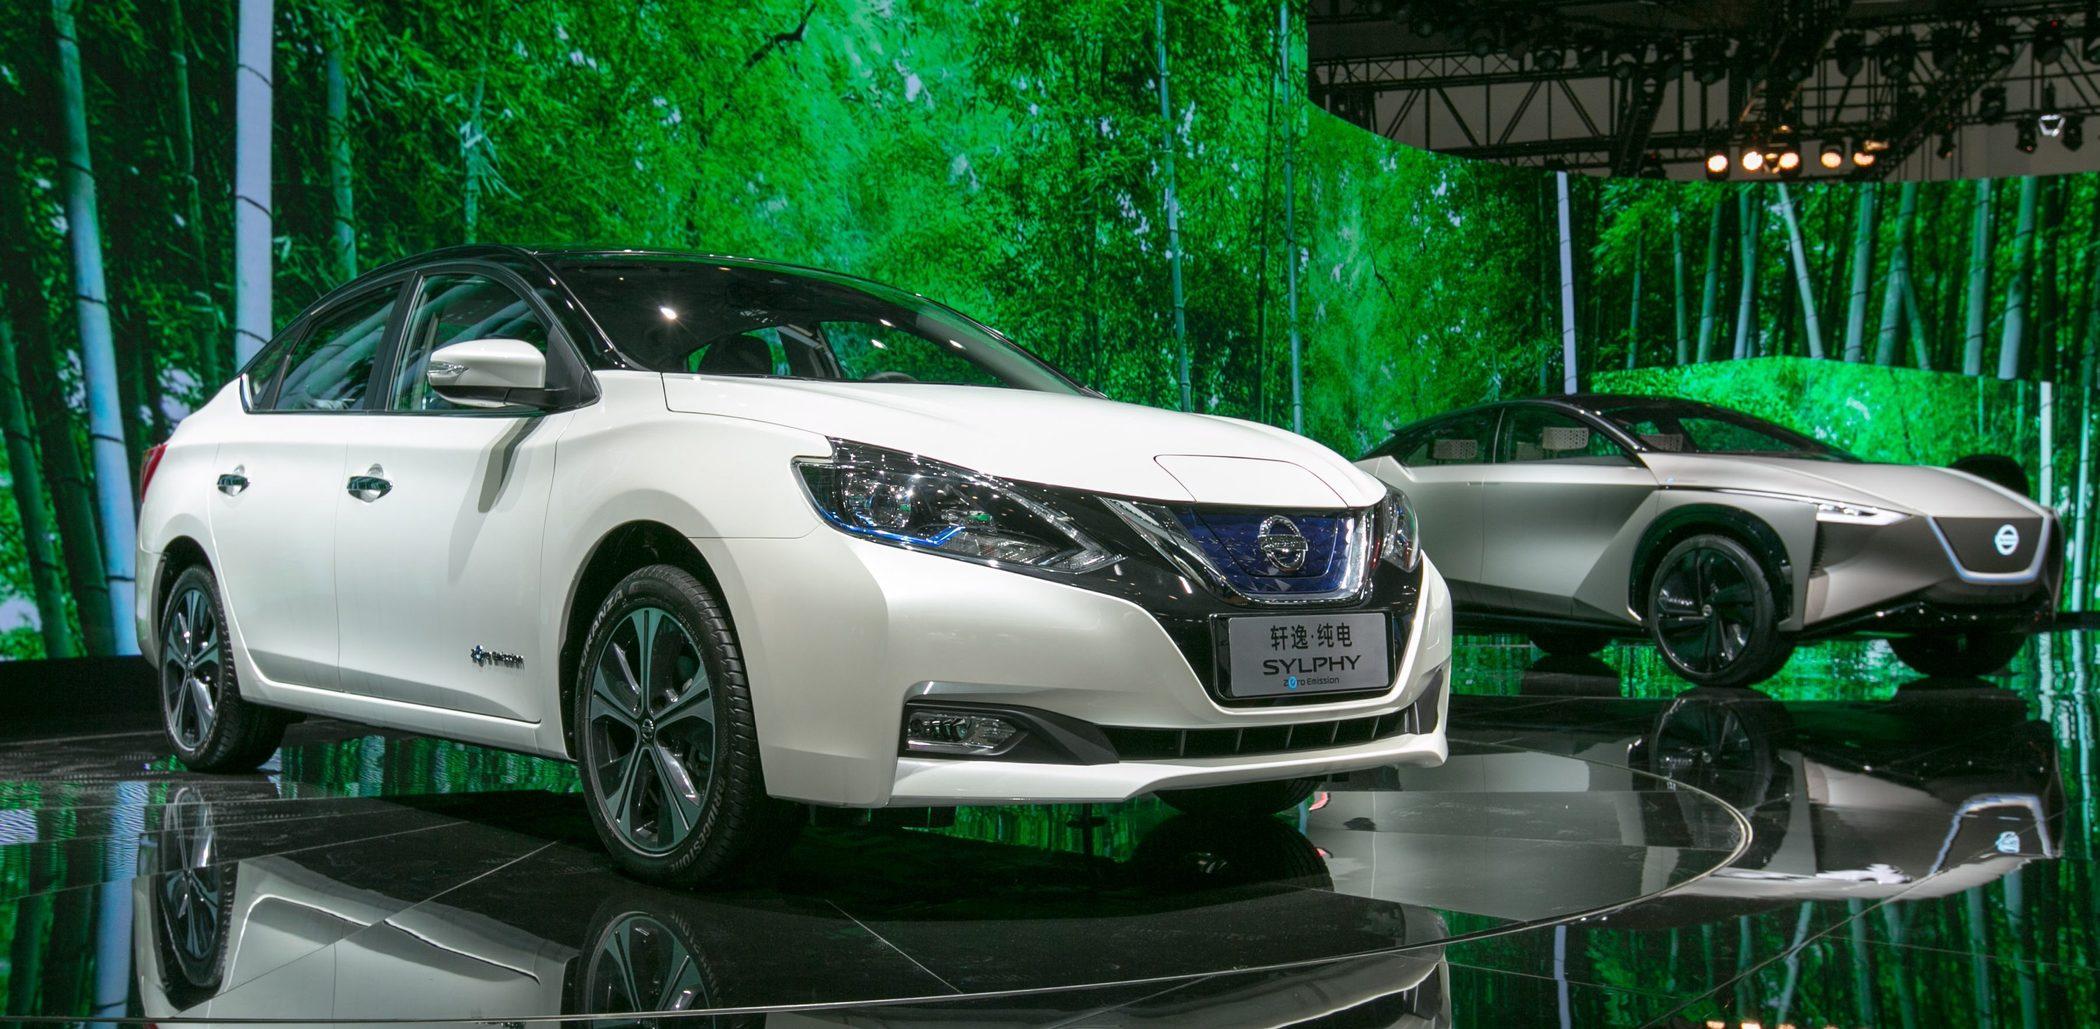 日产开始在生产电动车, 起价不到 17万元